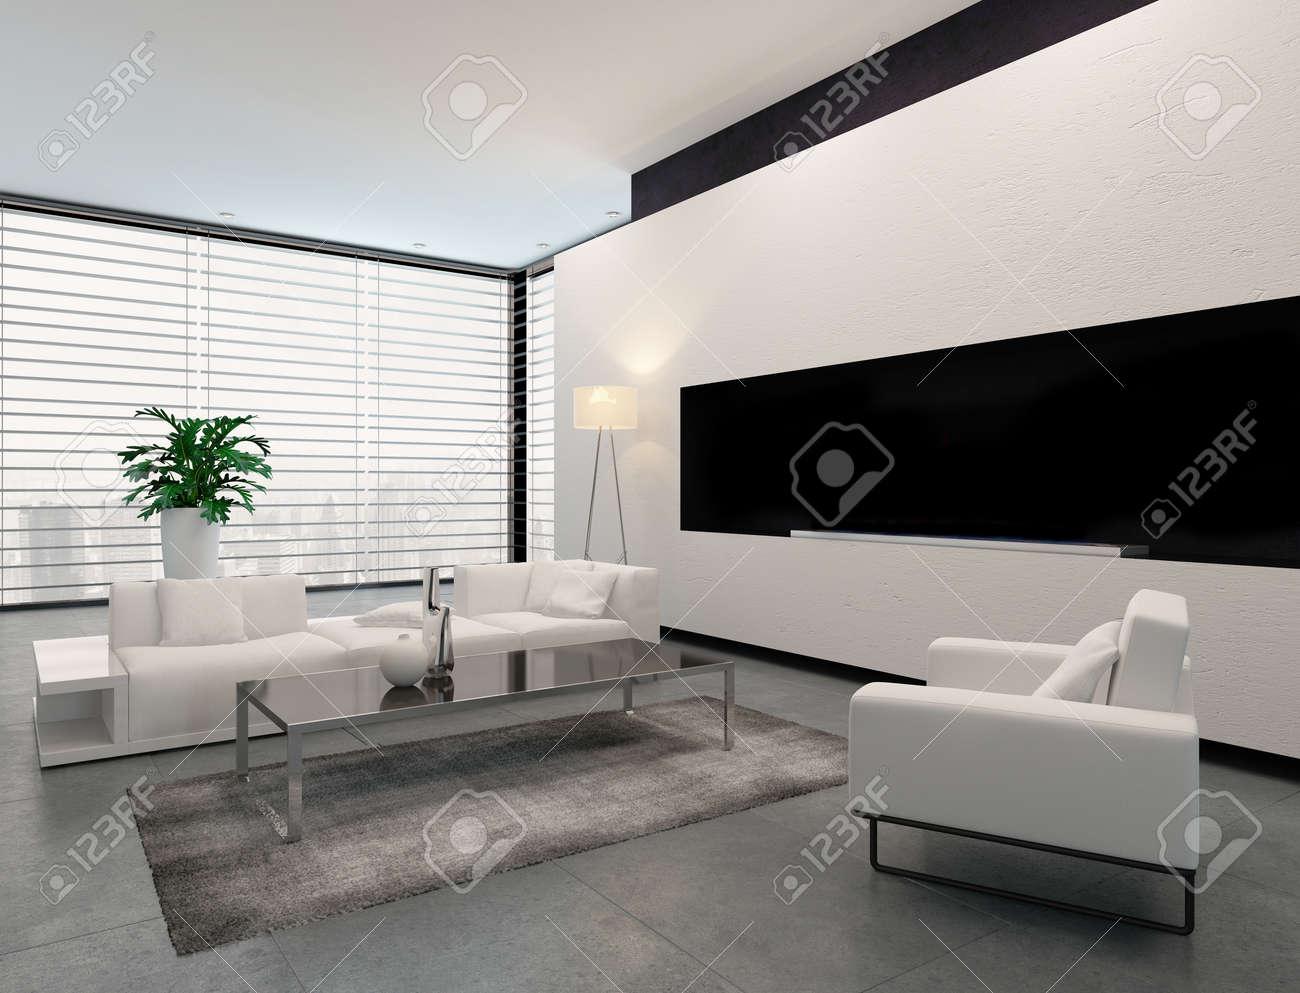 Wohnzimmer weiß grau jtleigh hausgestaltung ideen moderne deko